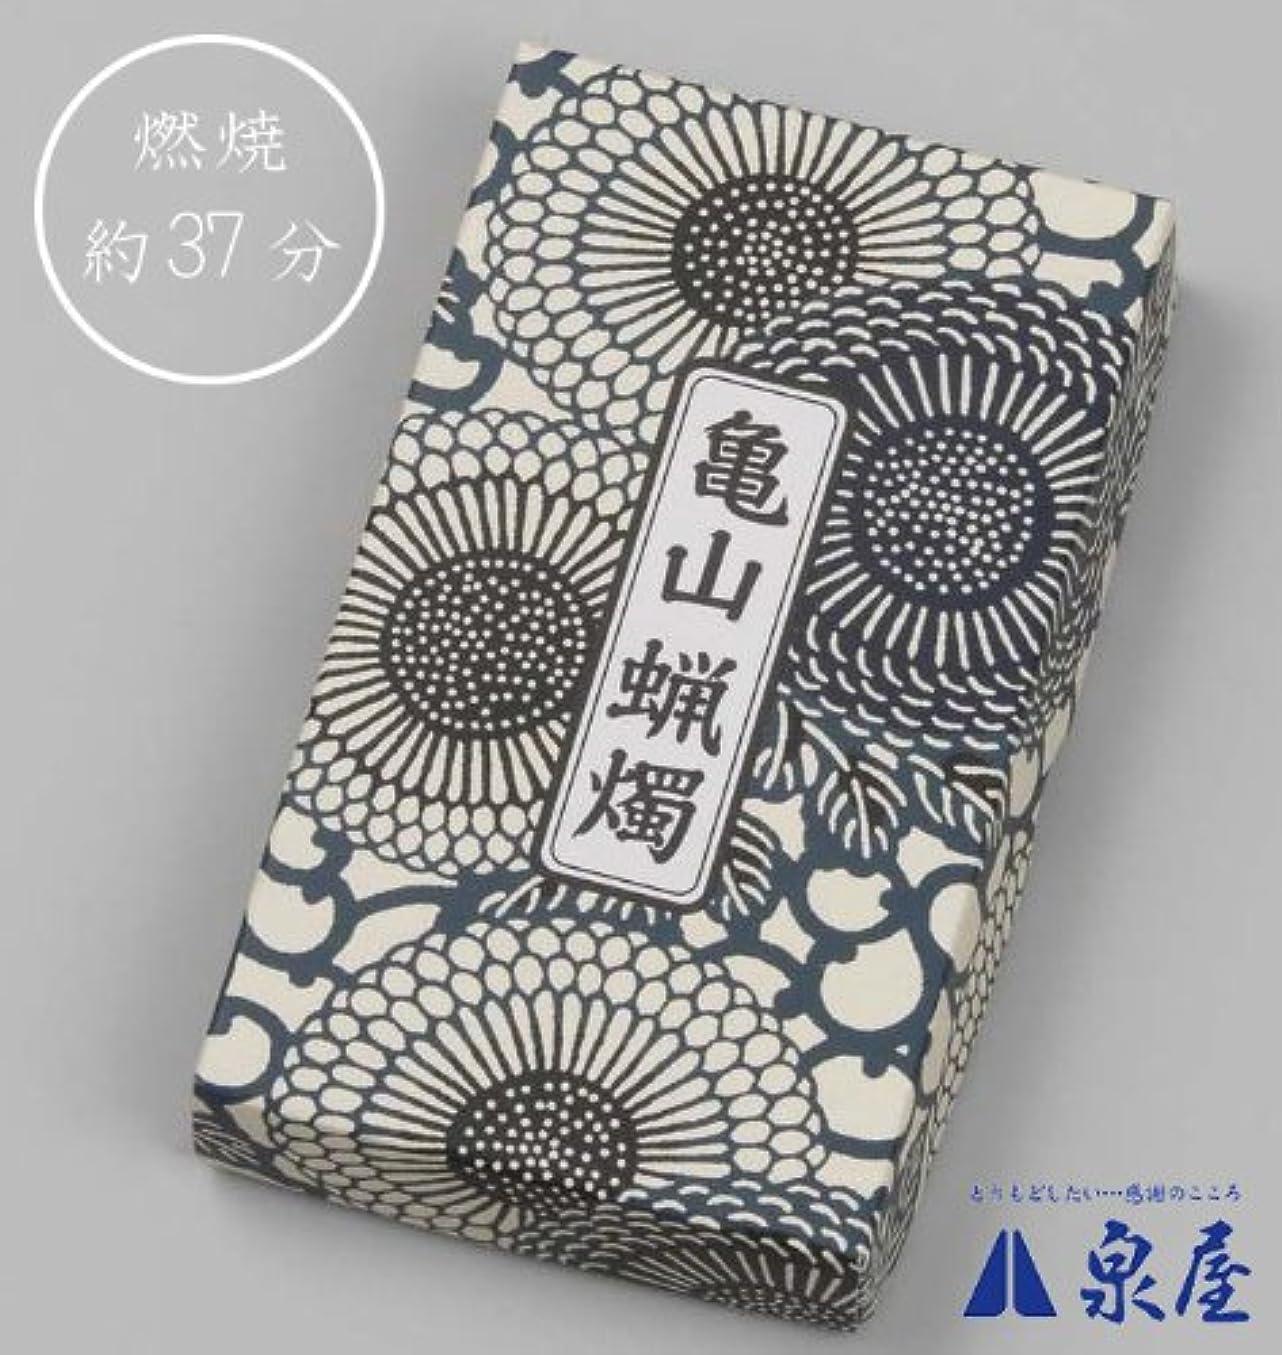 国旗幹パールカメヤマ小ローソク 徳用8号A#155 225g